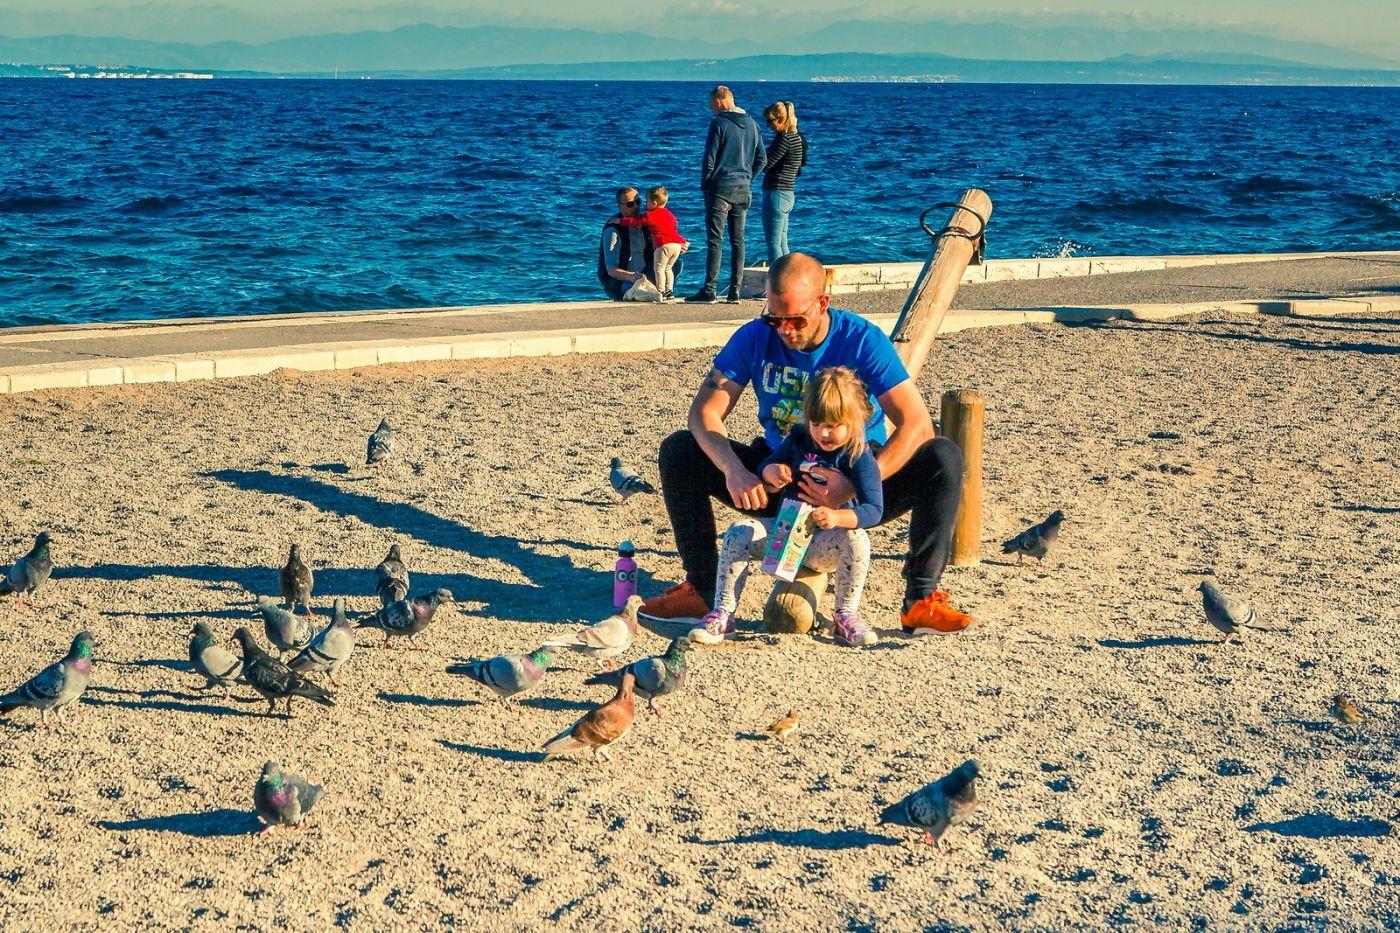 克罗地亚奥帕蒂亚(Opatija),洒满阳光的海滨城市_图1-1